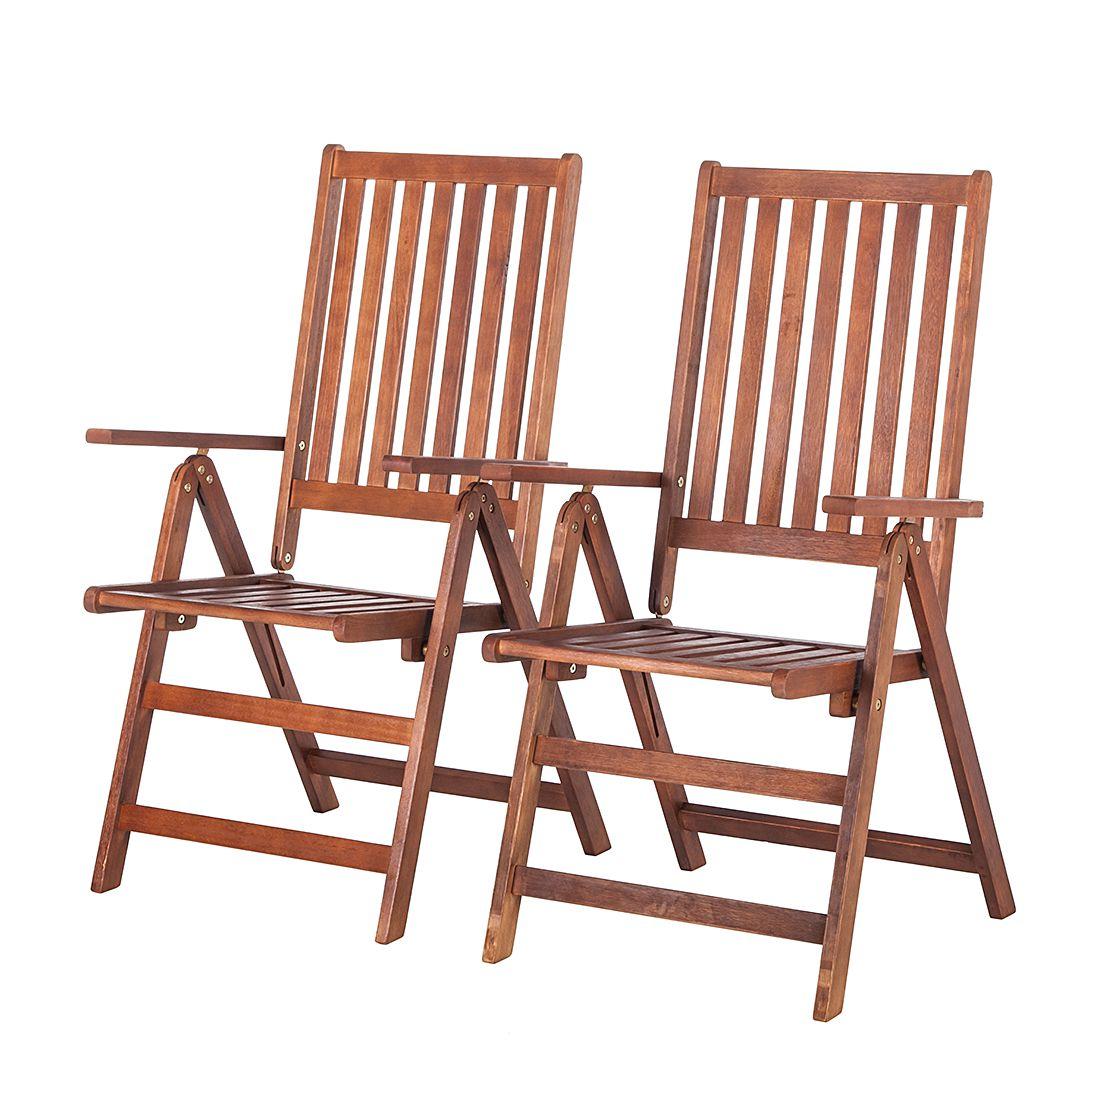 klappstuhl euka nature 2er set eukalyptus massiv ars. Black Bedroom Furniture Sets. Home Design Ideas